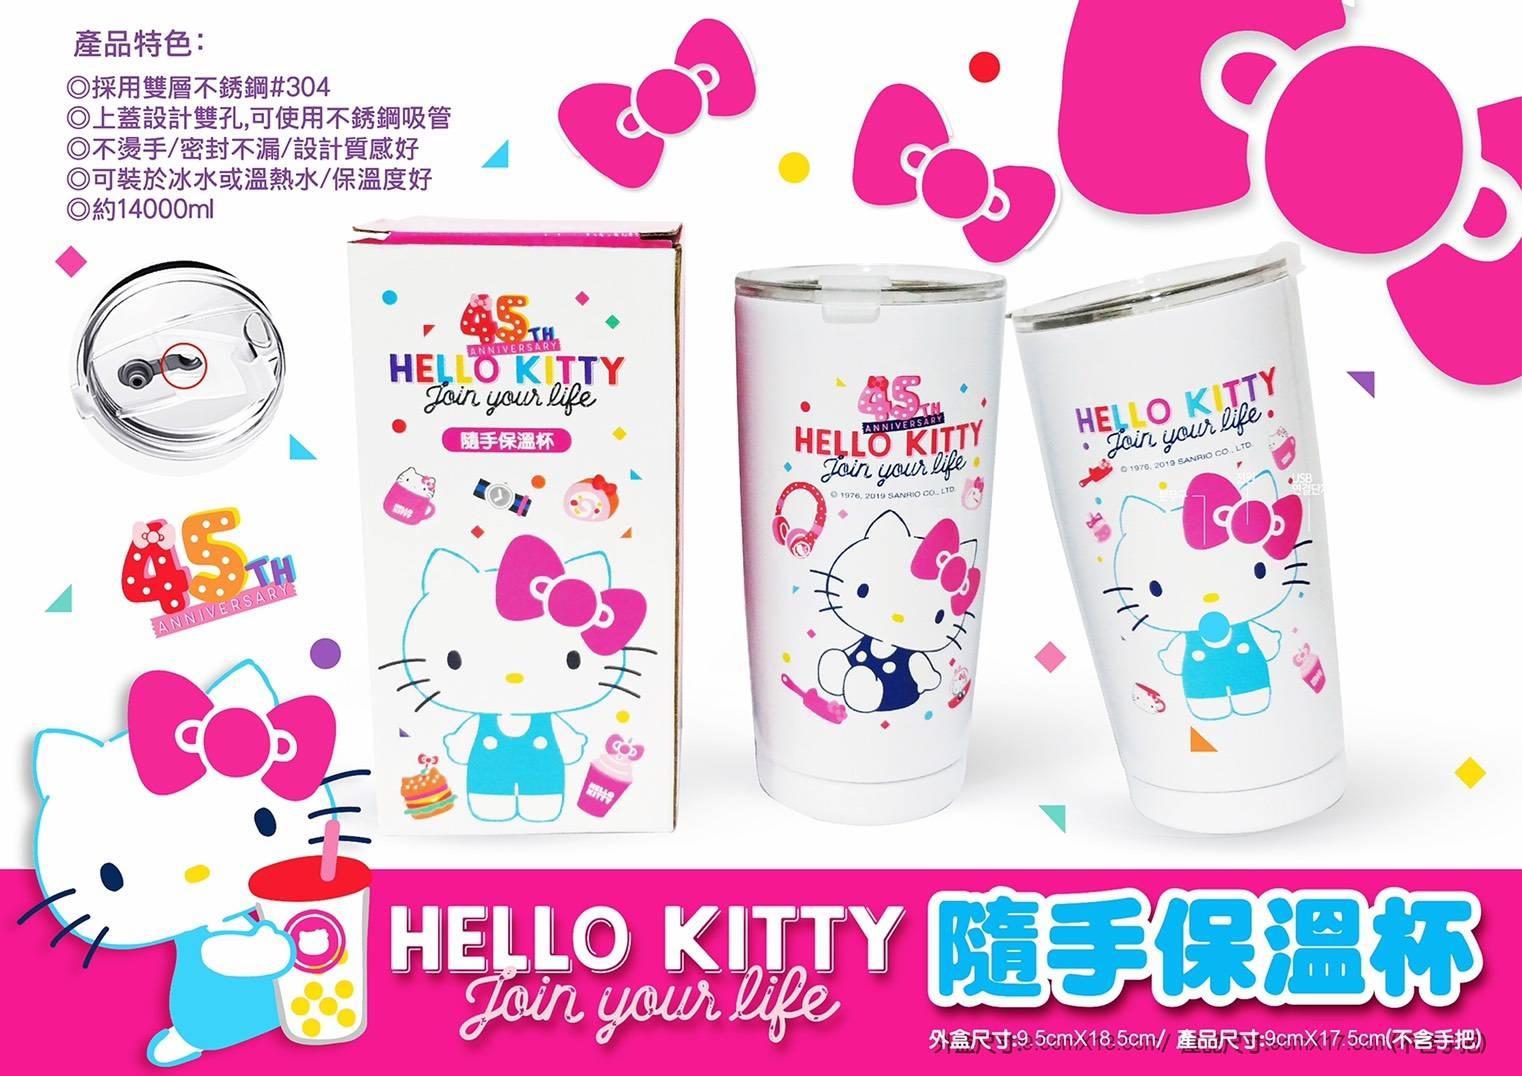 大賀屋 HELLO KITTY 304不鏽鋼 保溫壺 水壺 保溫杯 保溫壺 水杯 不銹鋼杯 凱蒂貓 T00120660